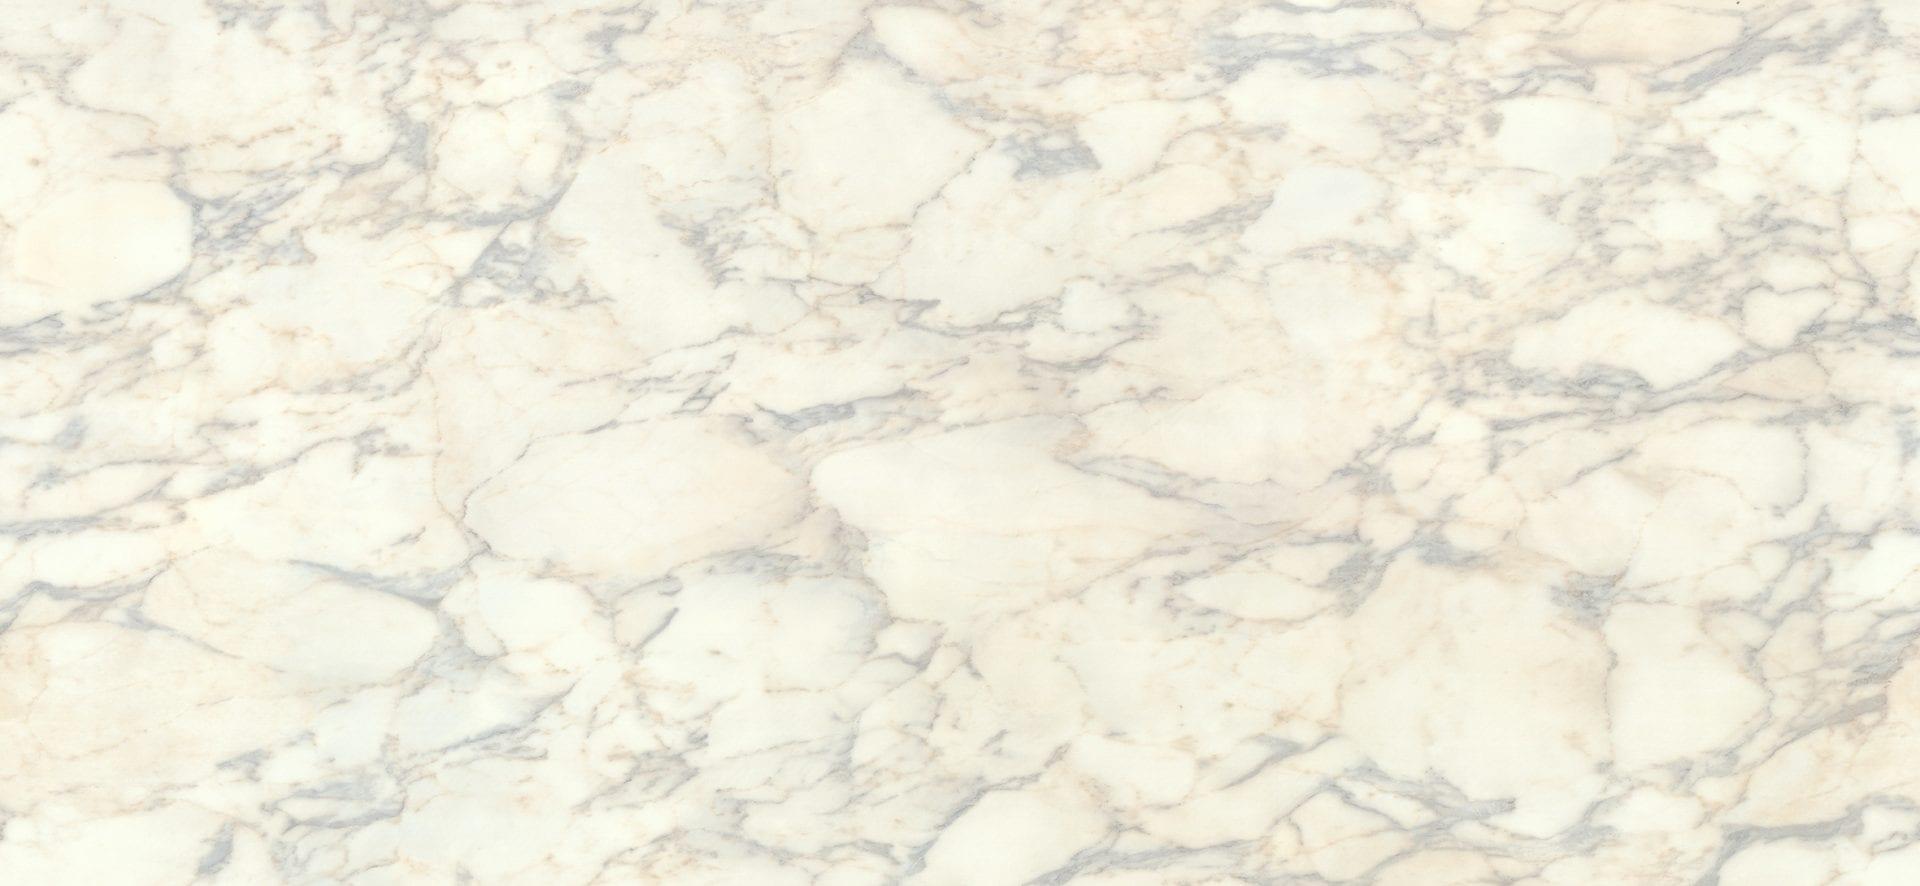 Milan Marble Full Sheet Square Edge Kitchen Worktop